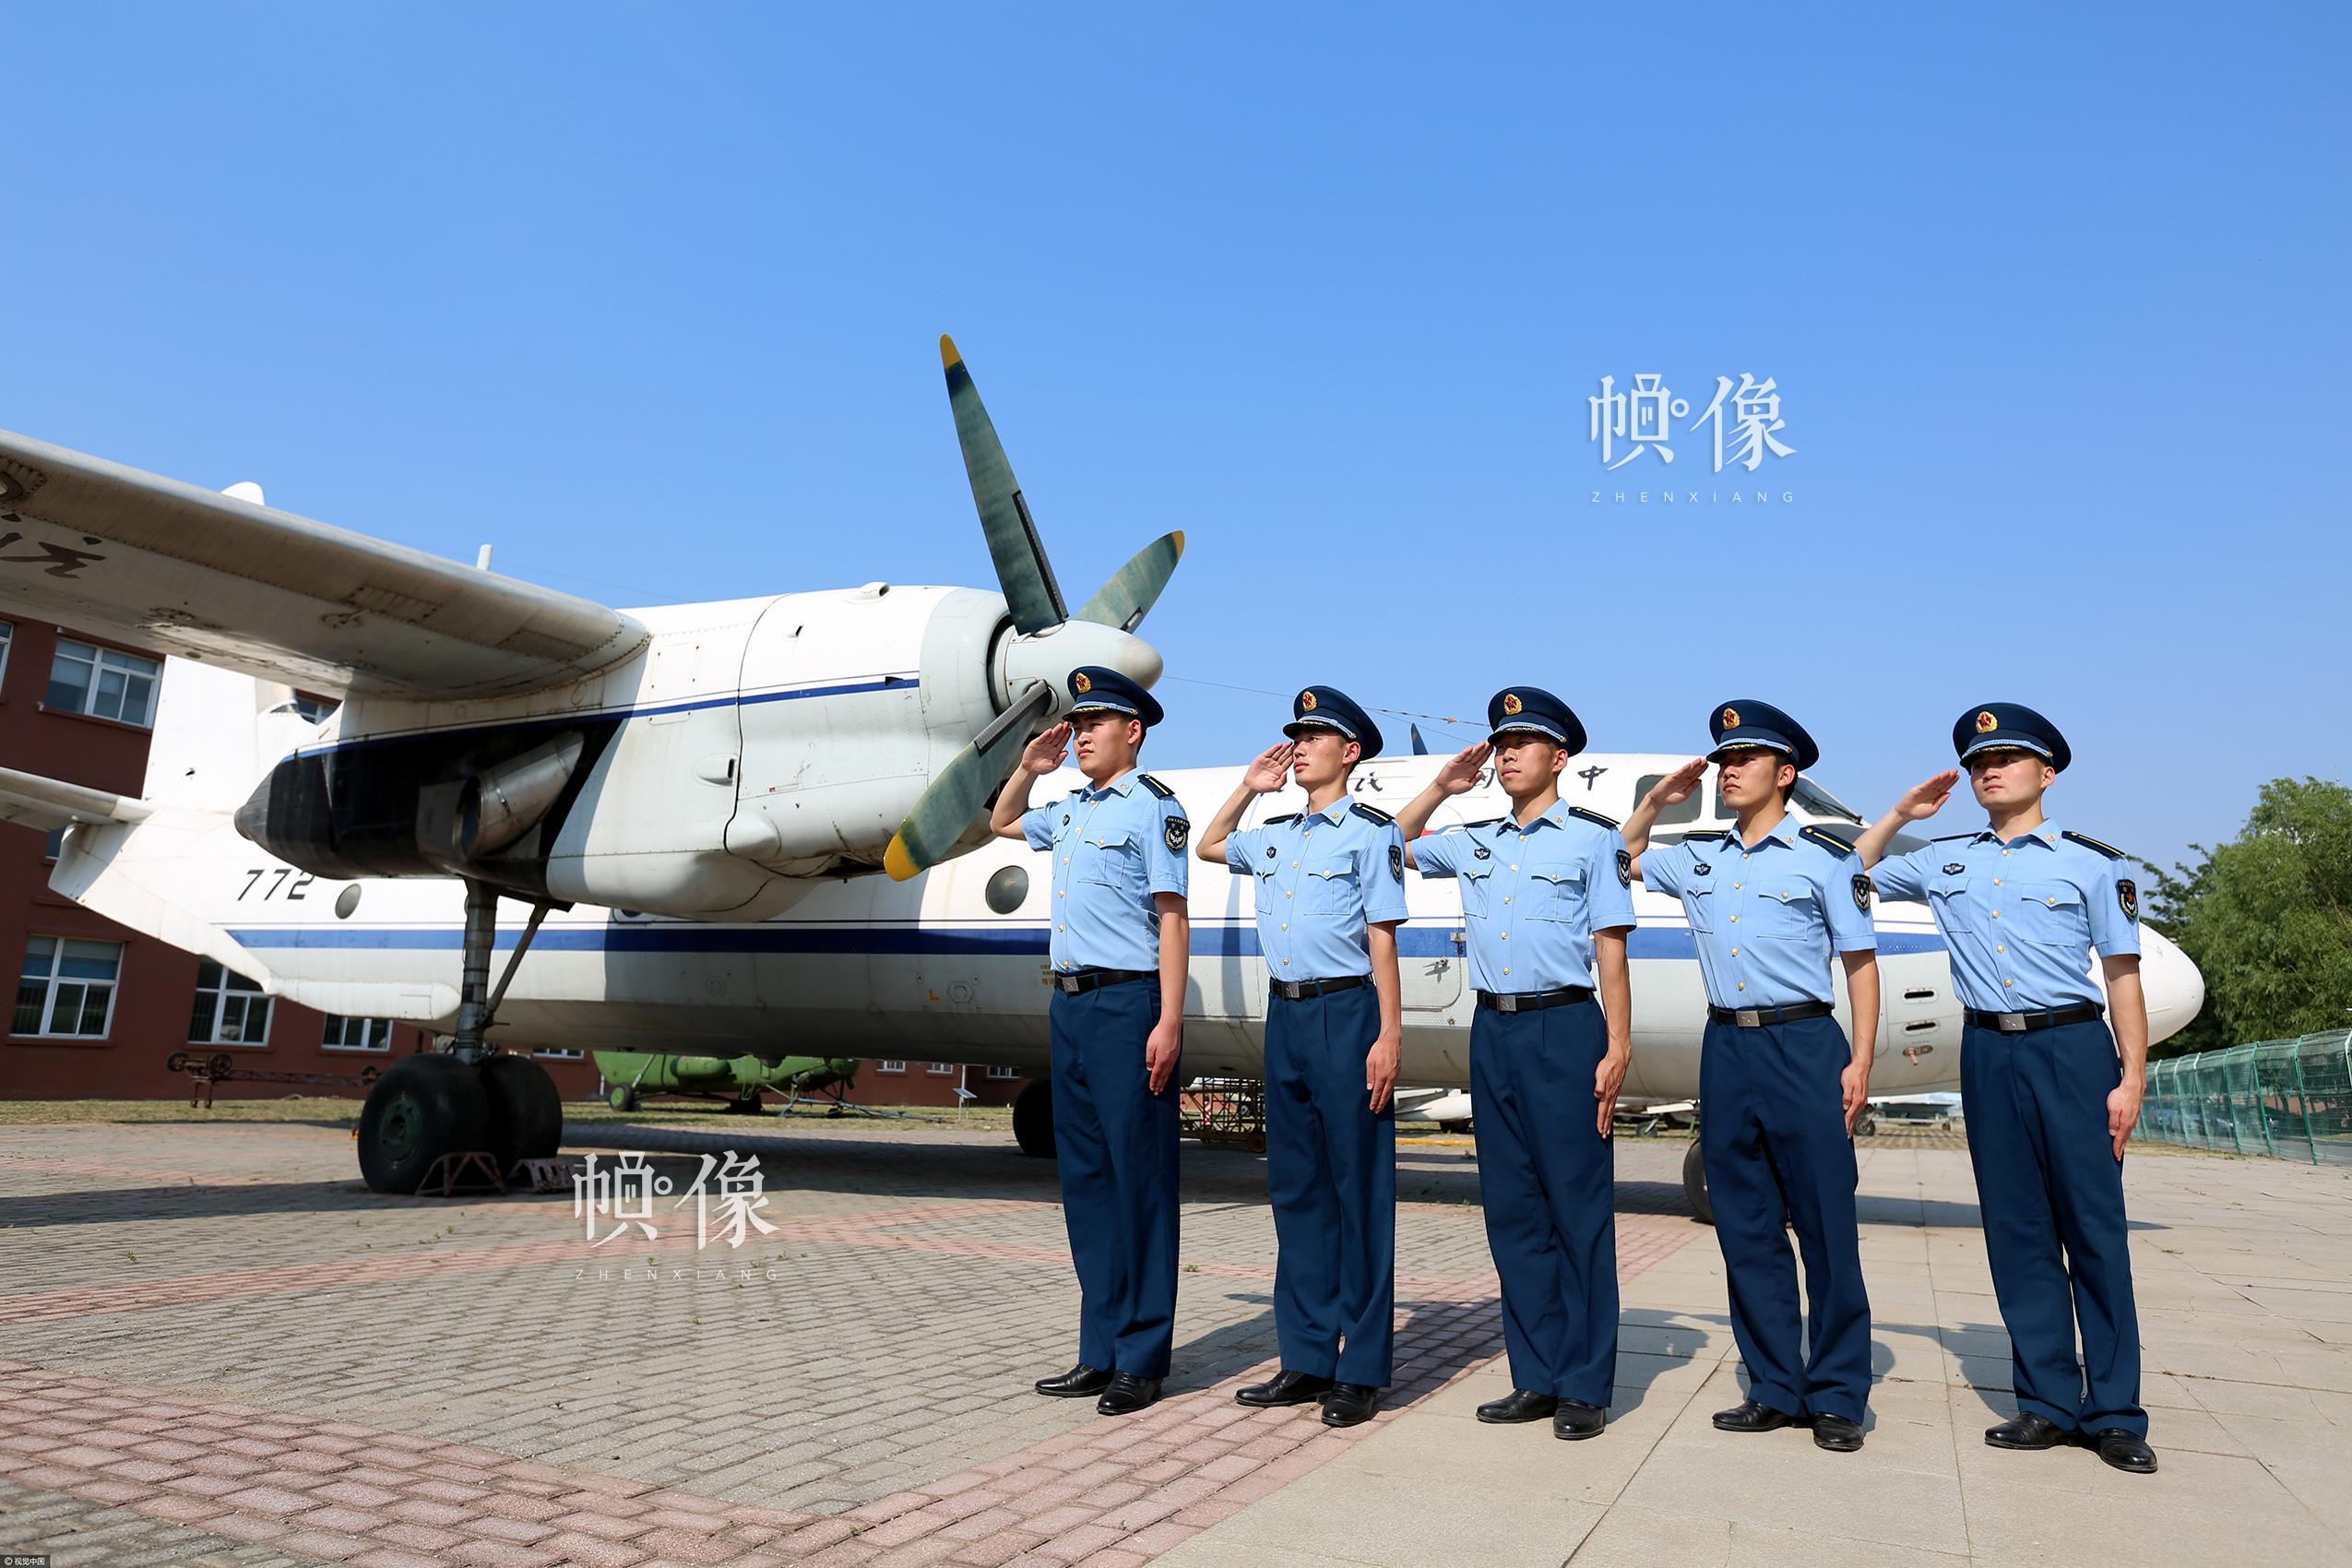 2017年6月14日,辽宁沈阳,又是一年毕业季,即将走出校门、走进军营的沈阳航空航天大学空军后备军官学院的国防毕业生们在校园中拍照留念。视觉中国供图